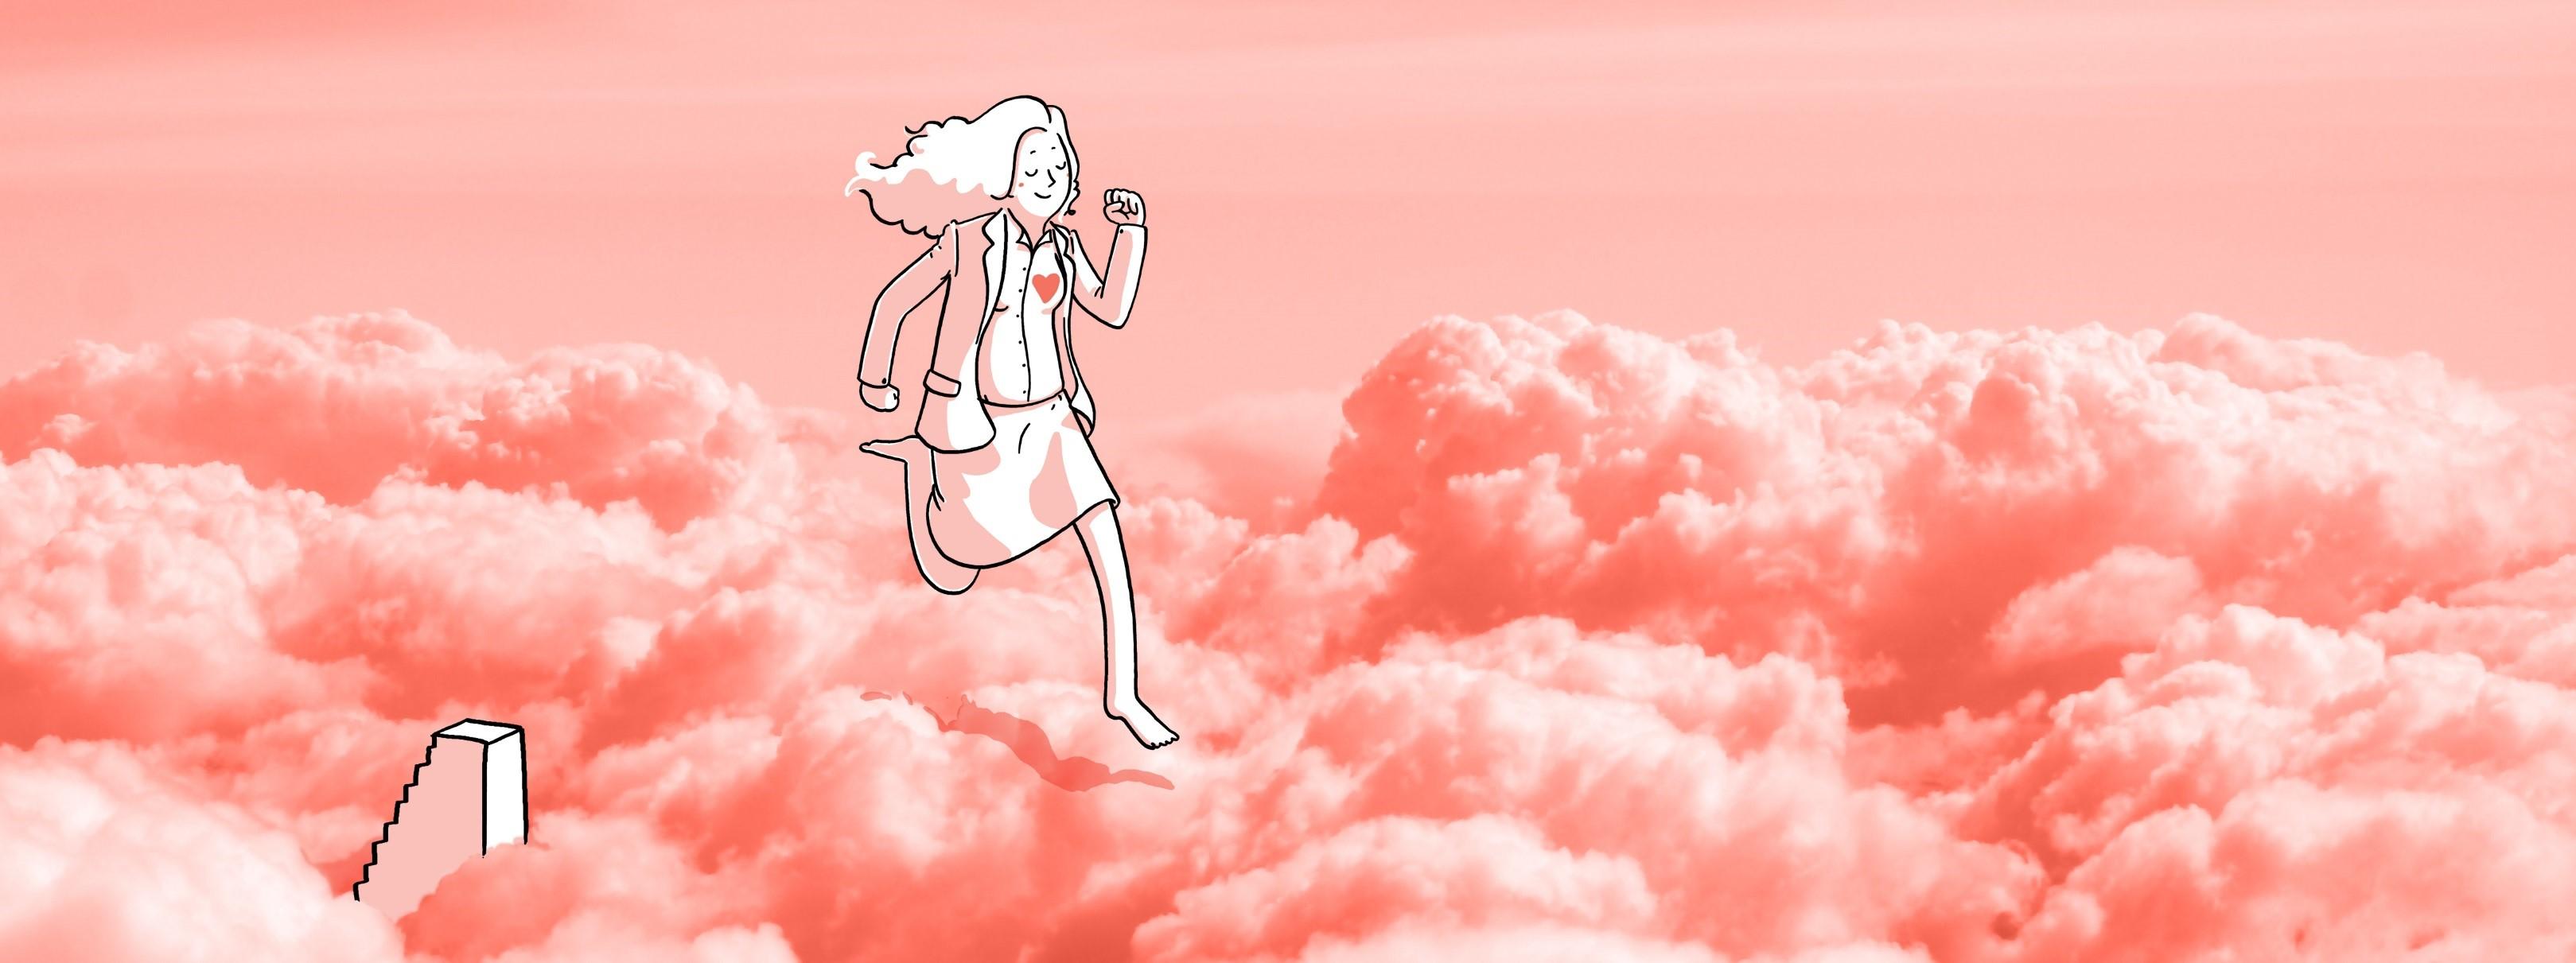 liderazgo-chica-corriendo